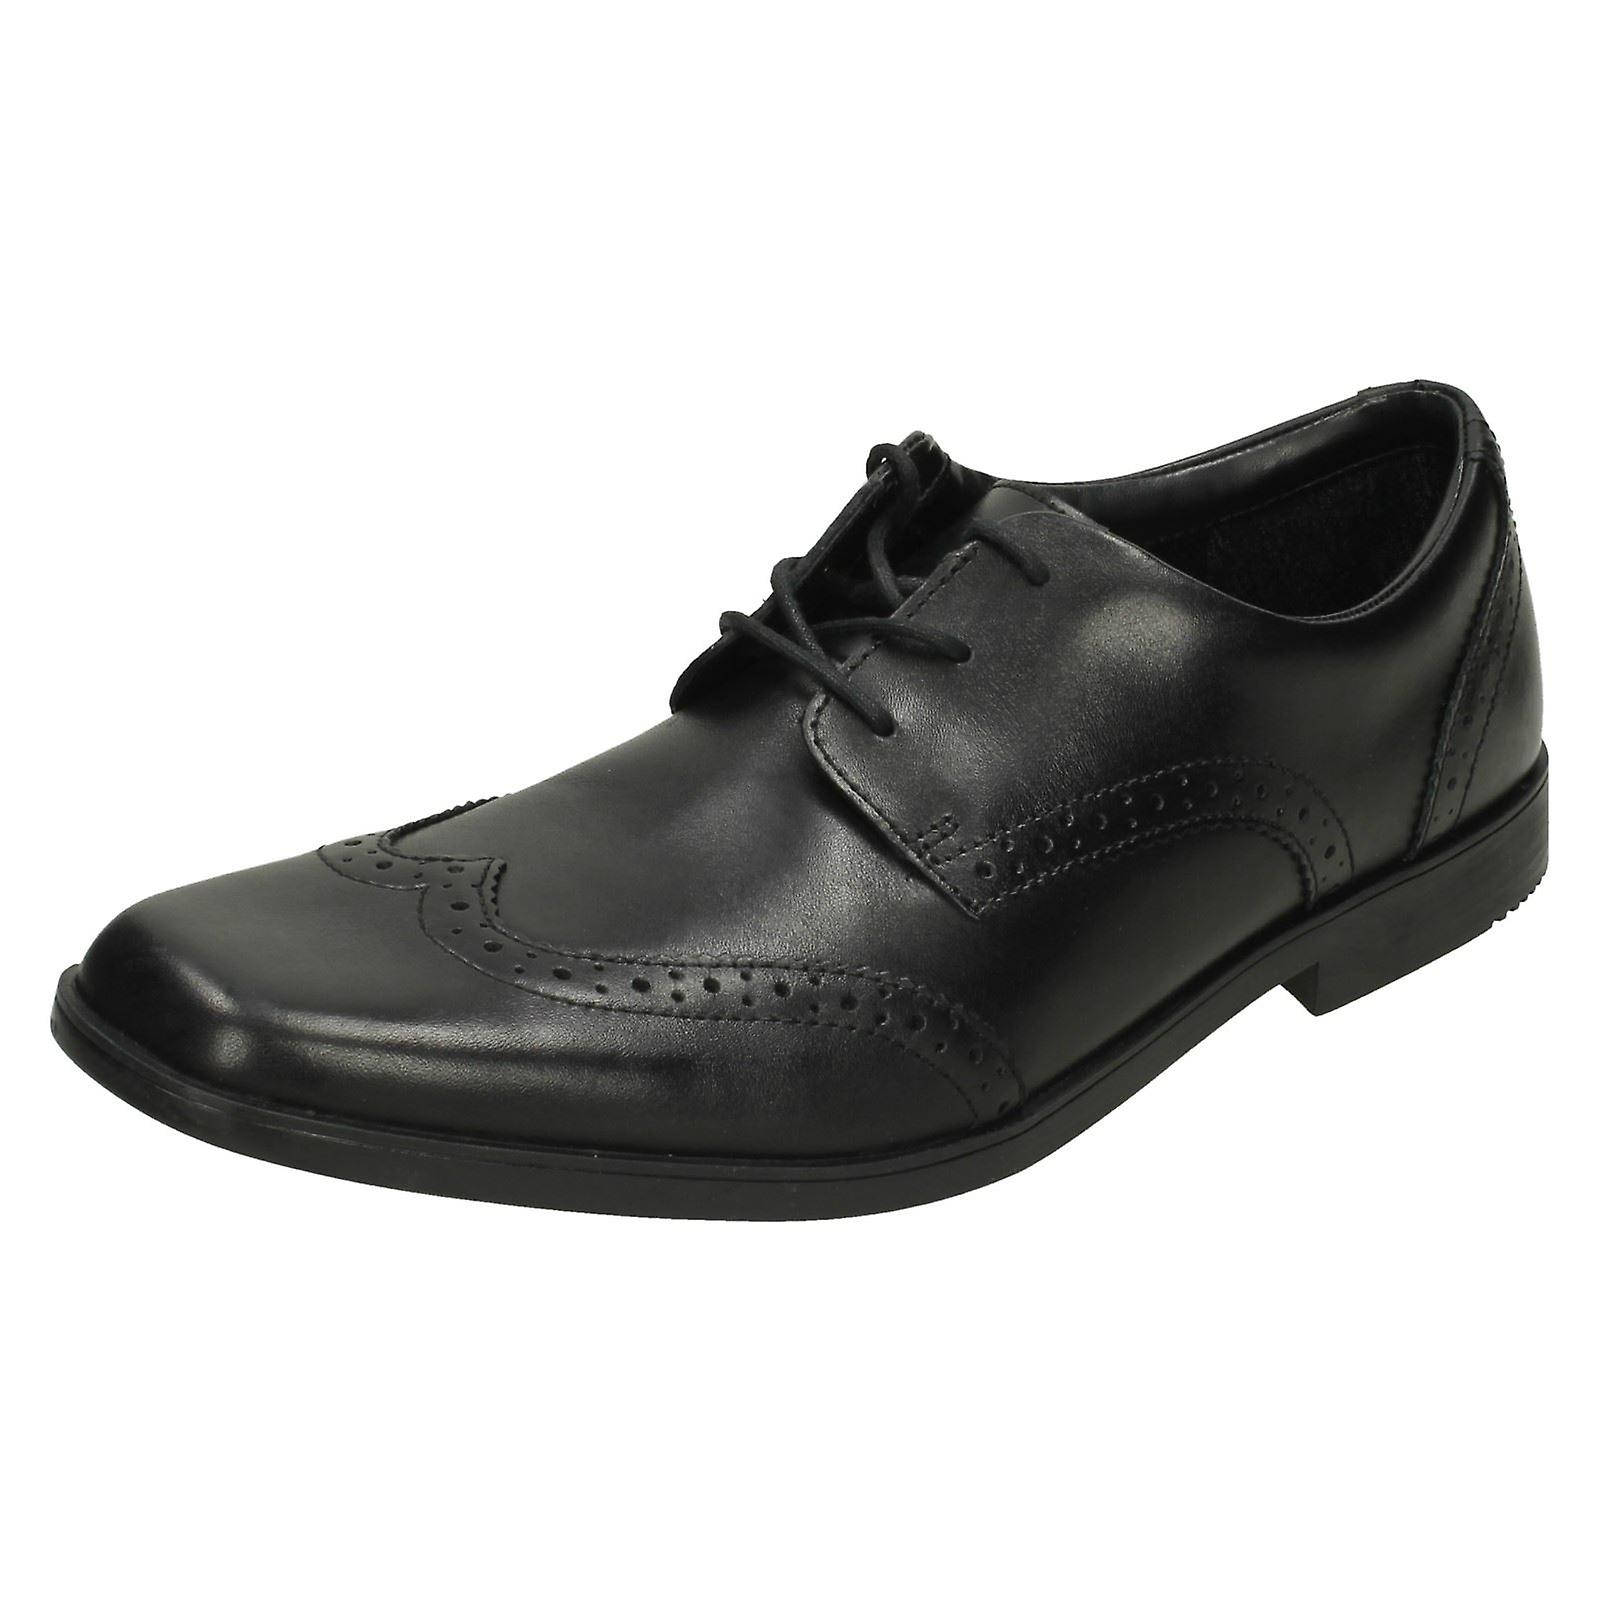 Seniors garçons démarrageleg de Hoxton de chaussures Clarks école marche